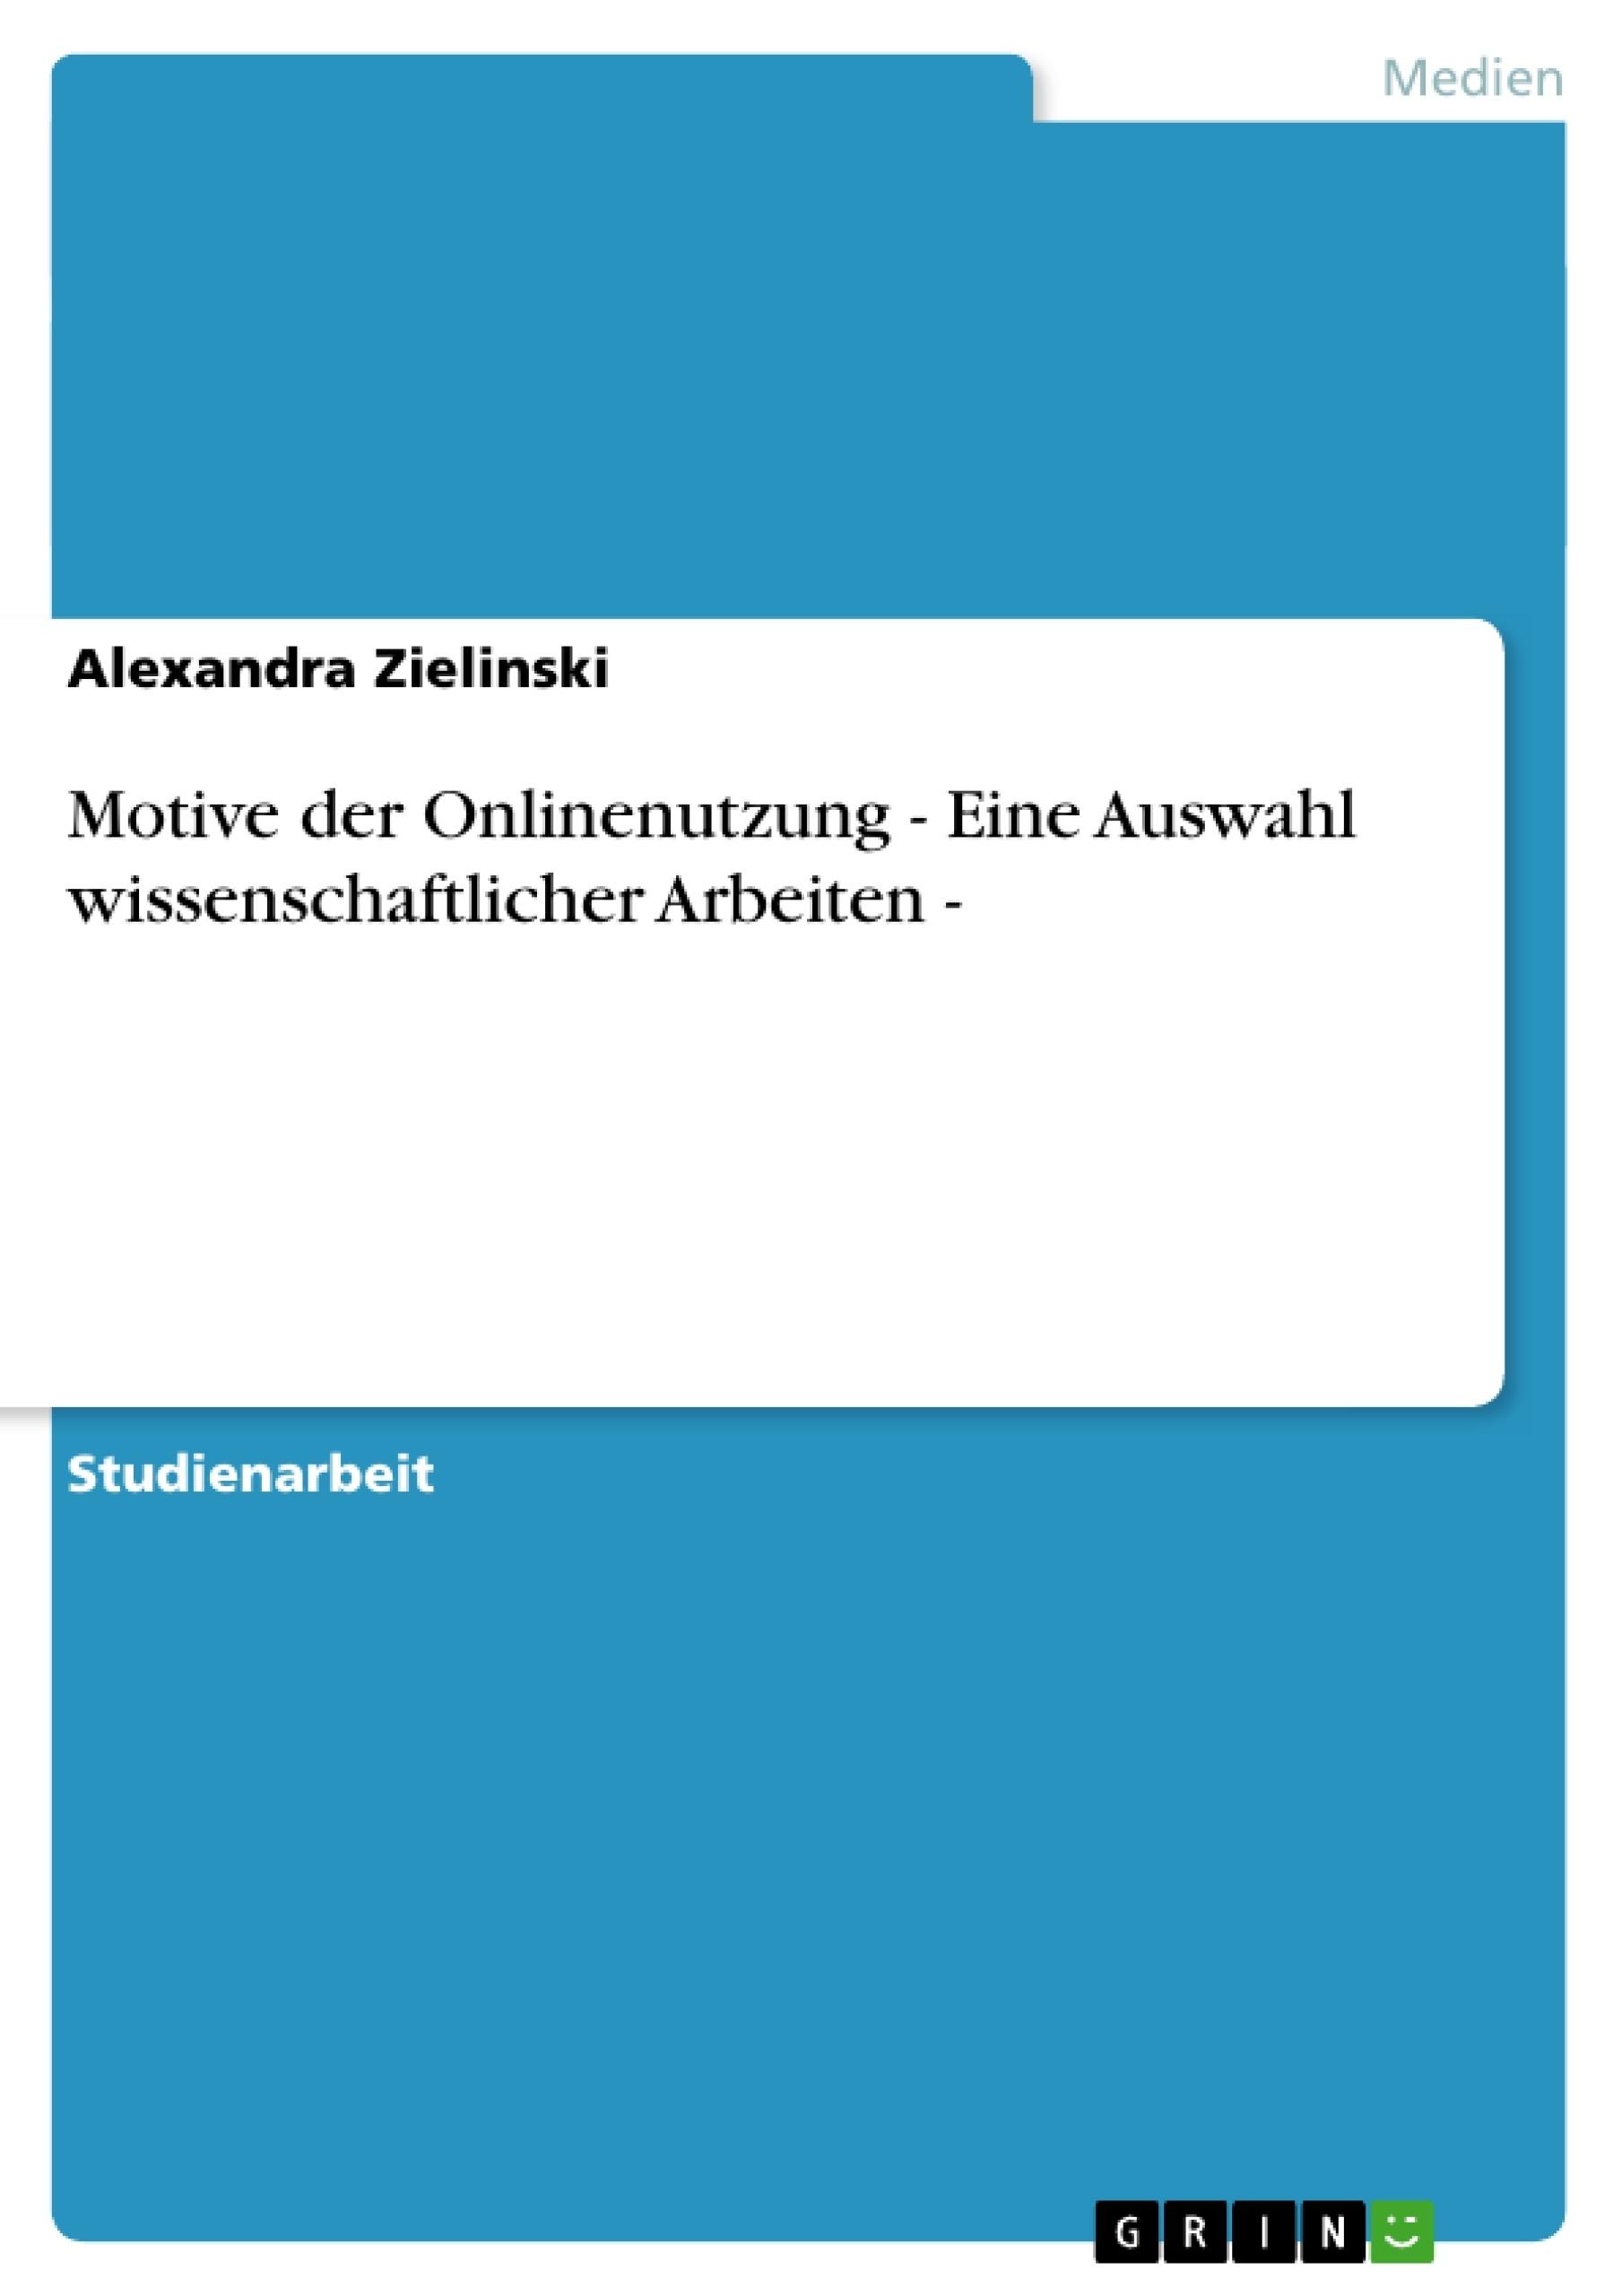 Titel: Motive der Onlinenutzung - Eine Auswahl wissenschaftlicher Arbeiten -